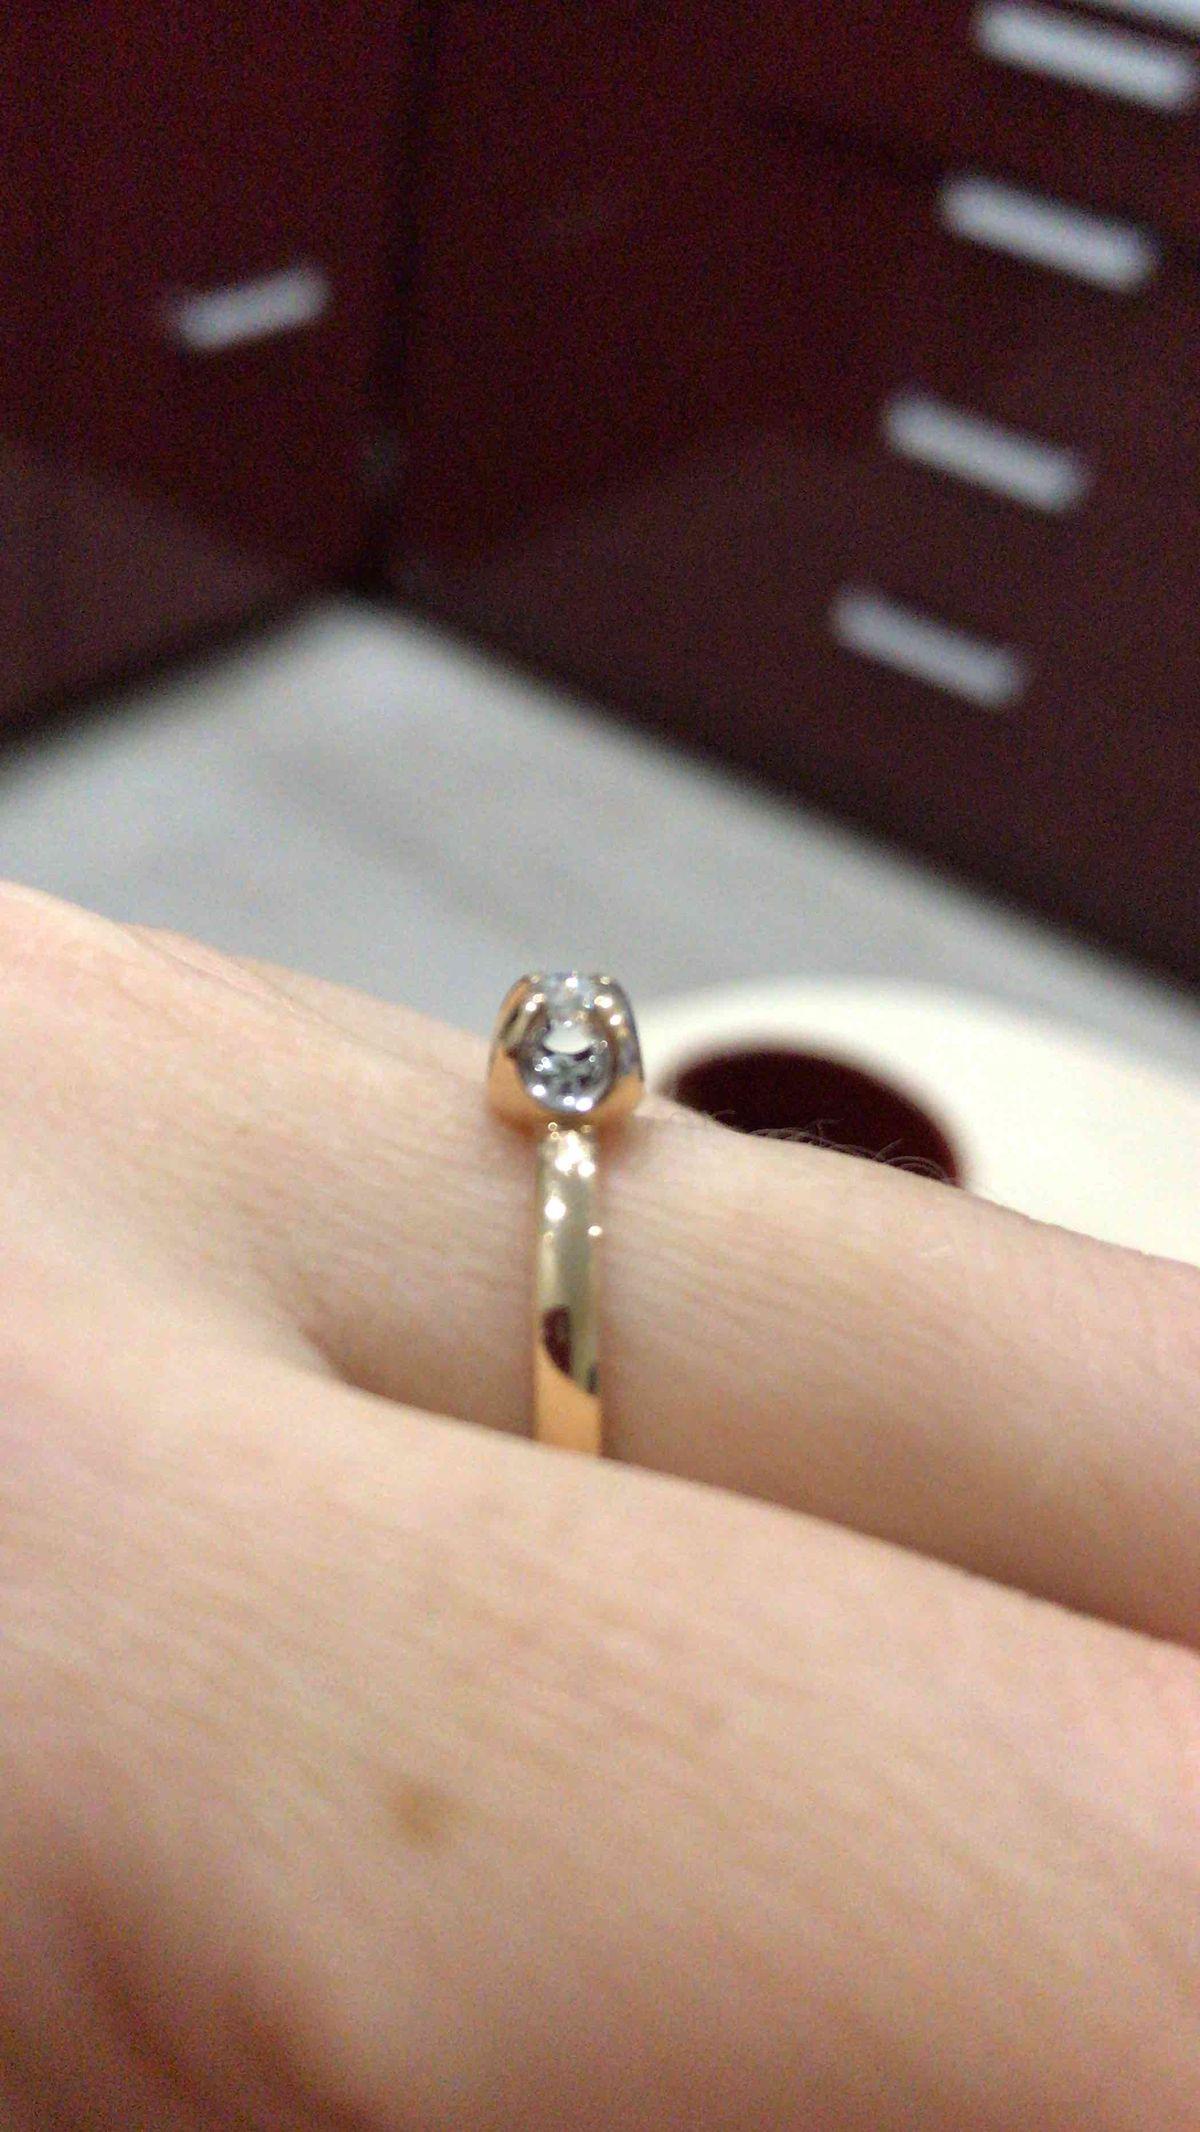 Кольцо очень красивое, своих денег стоит на все 100!